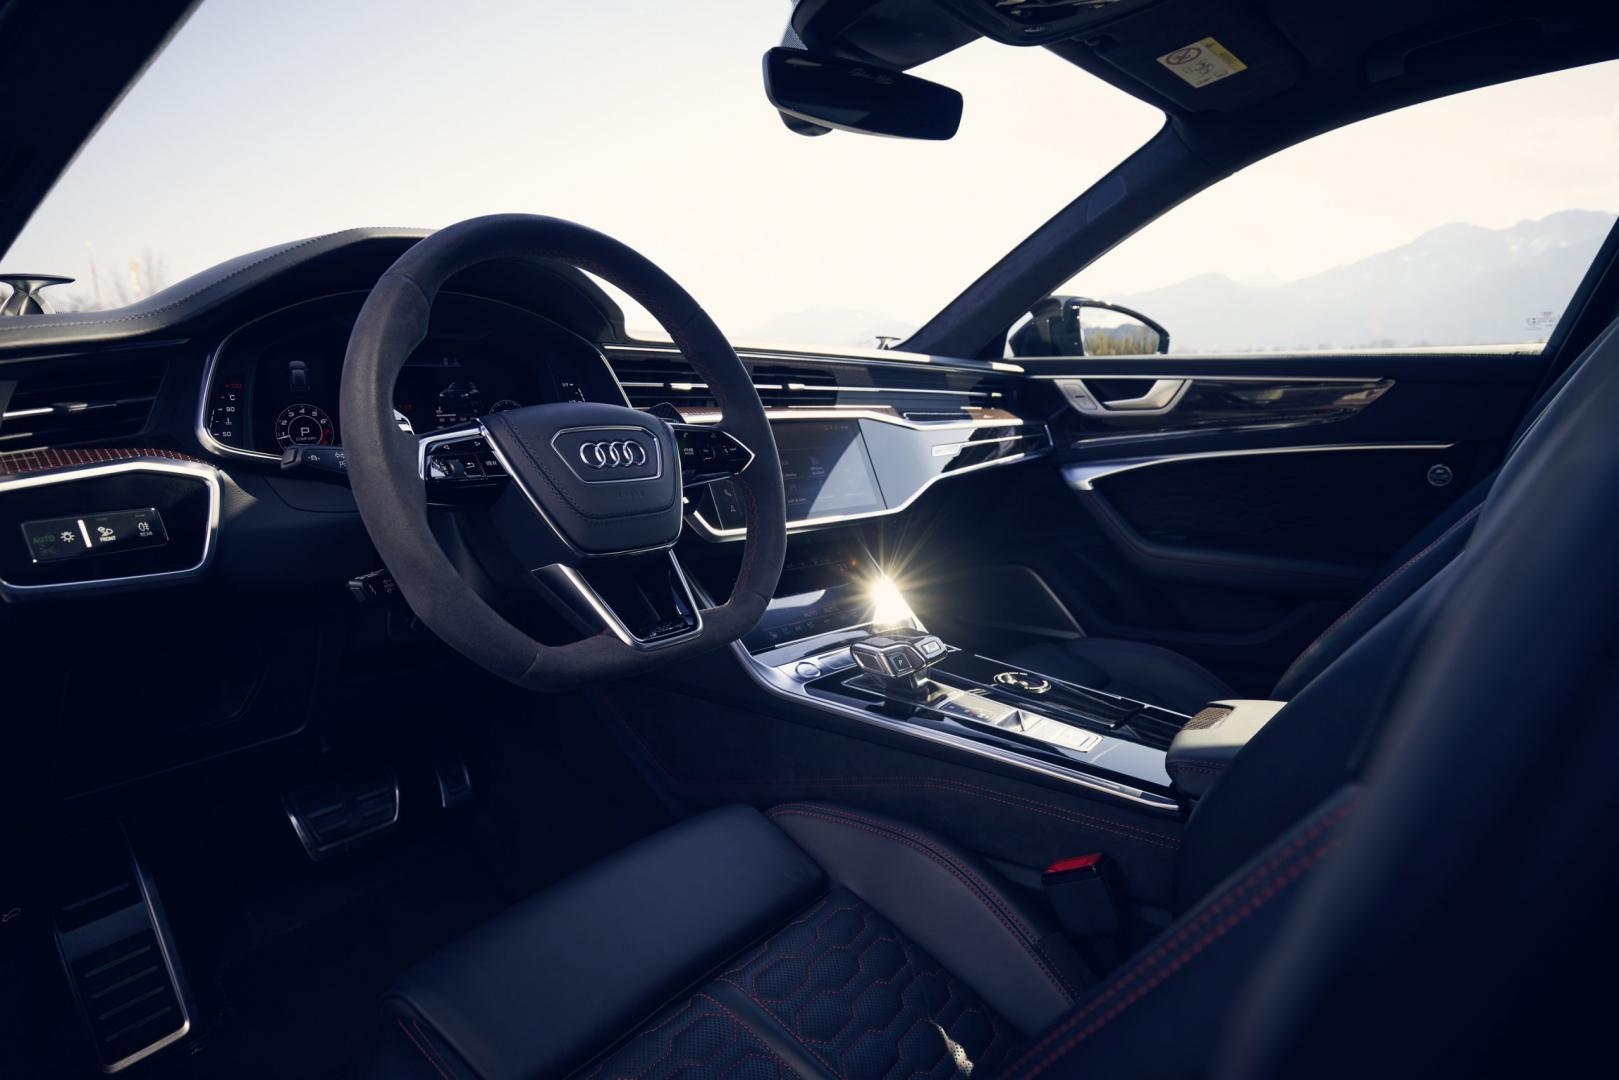 Audi RS 6 Johann Abt Signature Edition interieur